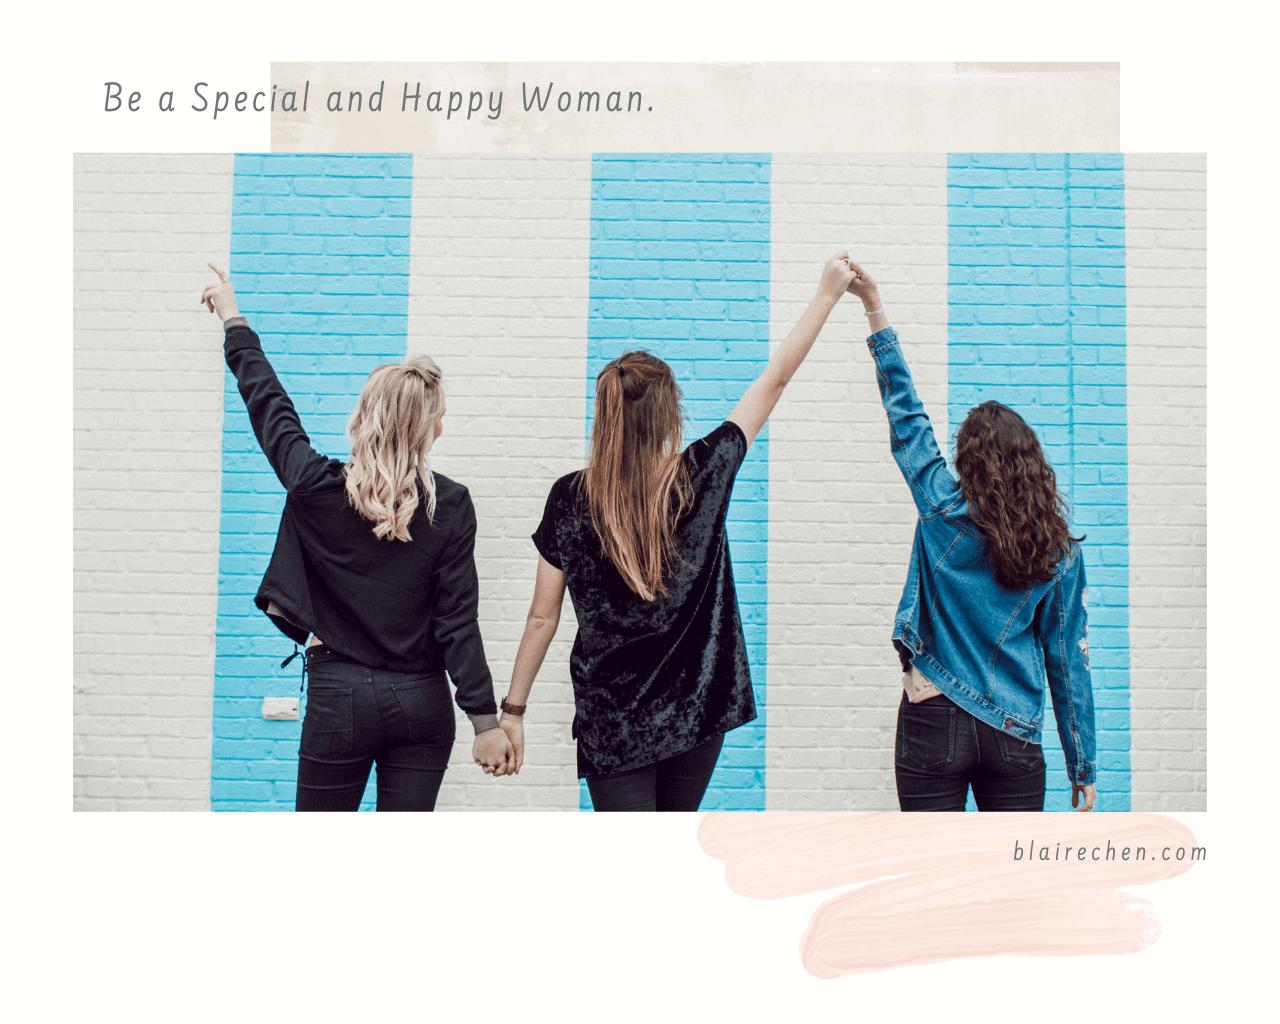 女生們,知道自己有多特別嗎?5 個心態改變,用相對應的行動走出最獨特的路!